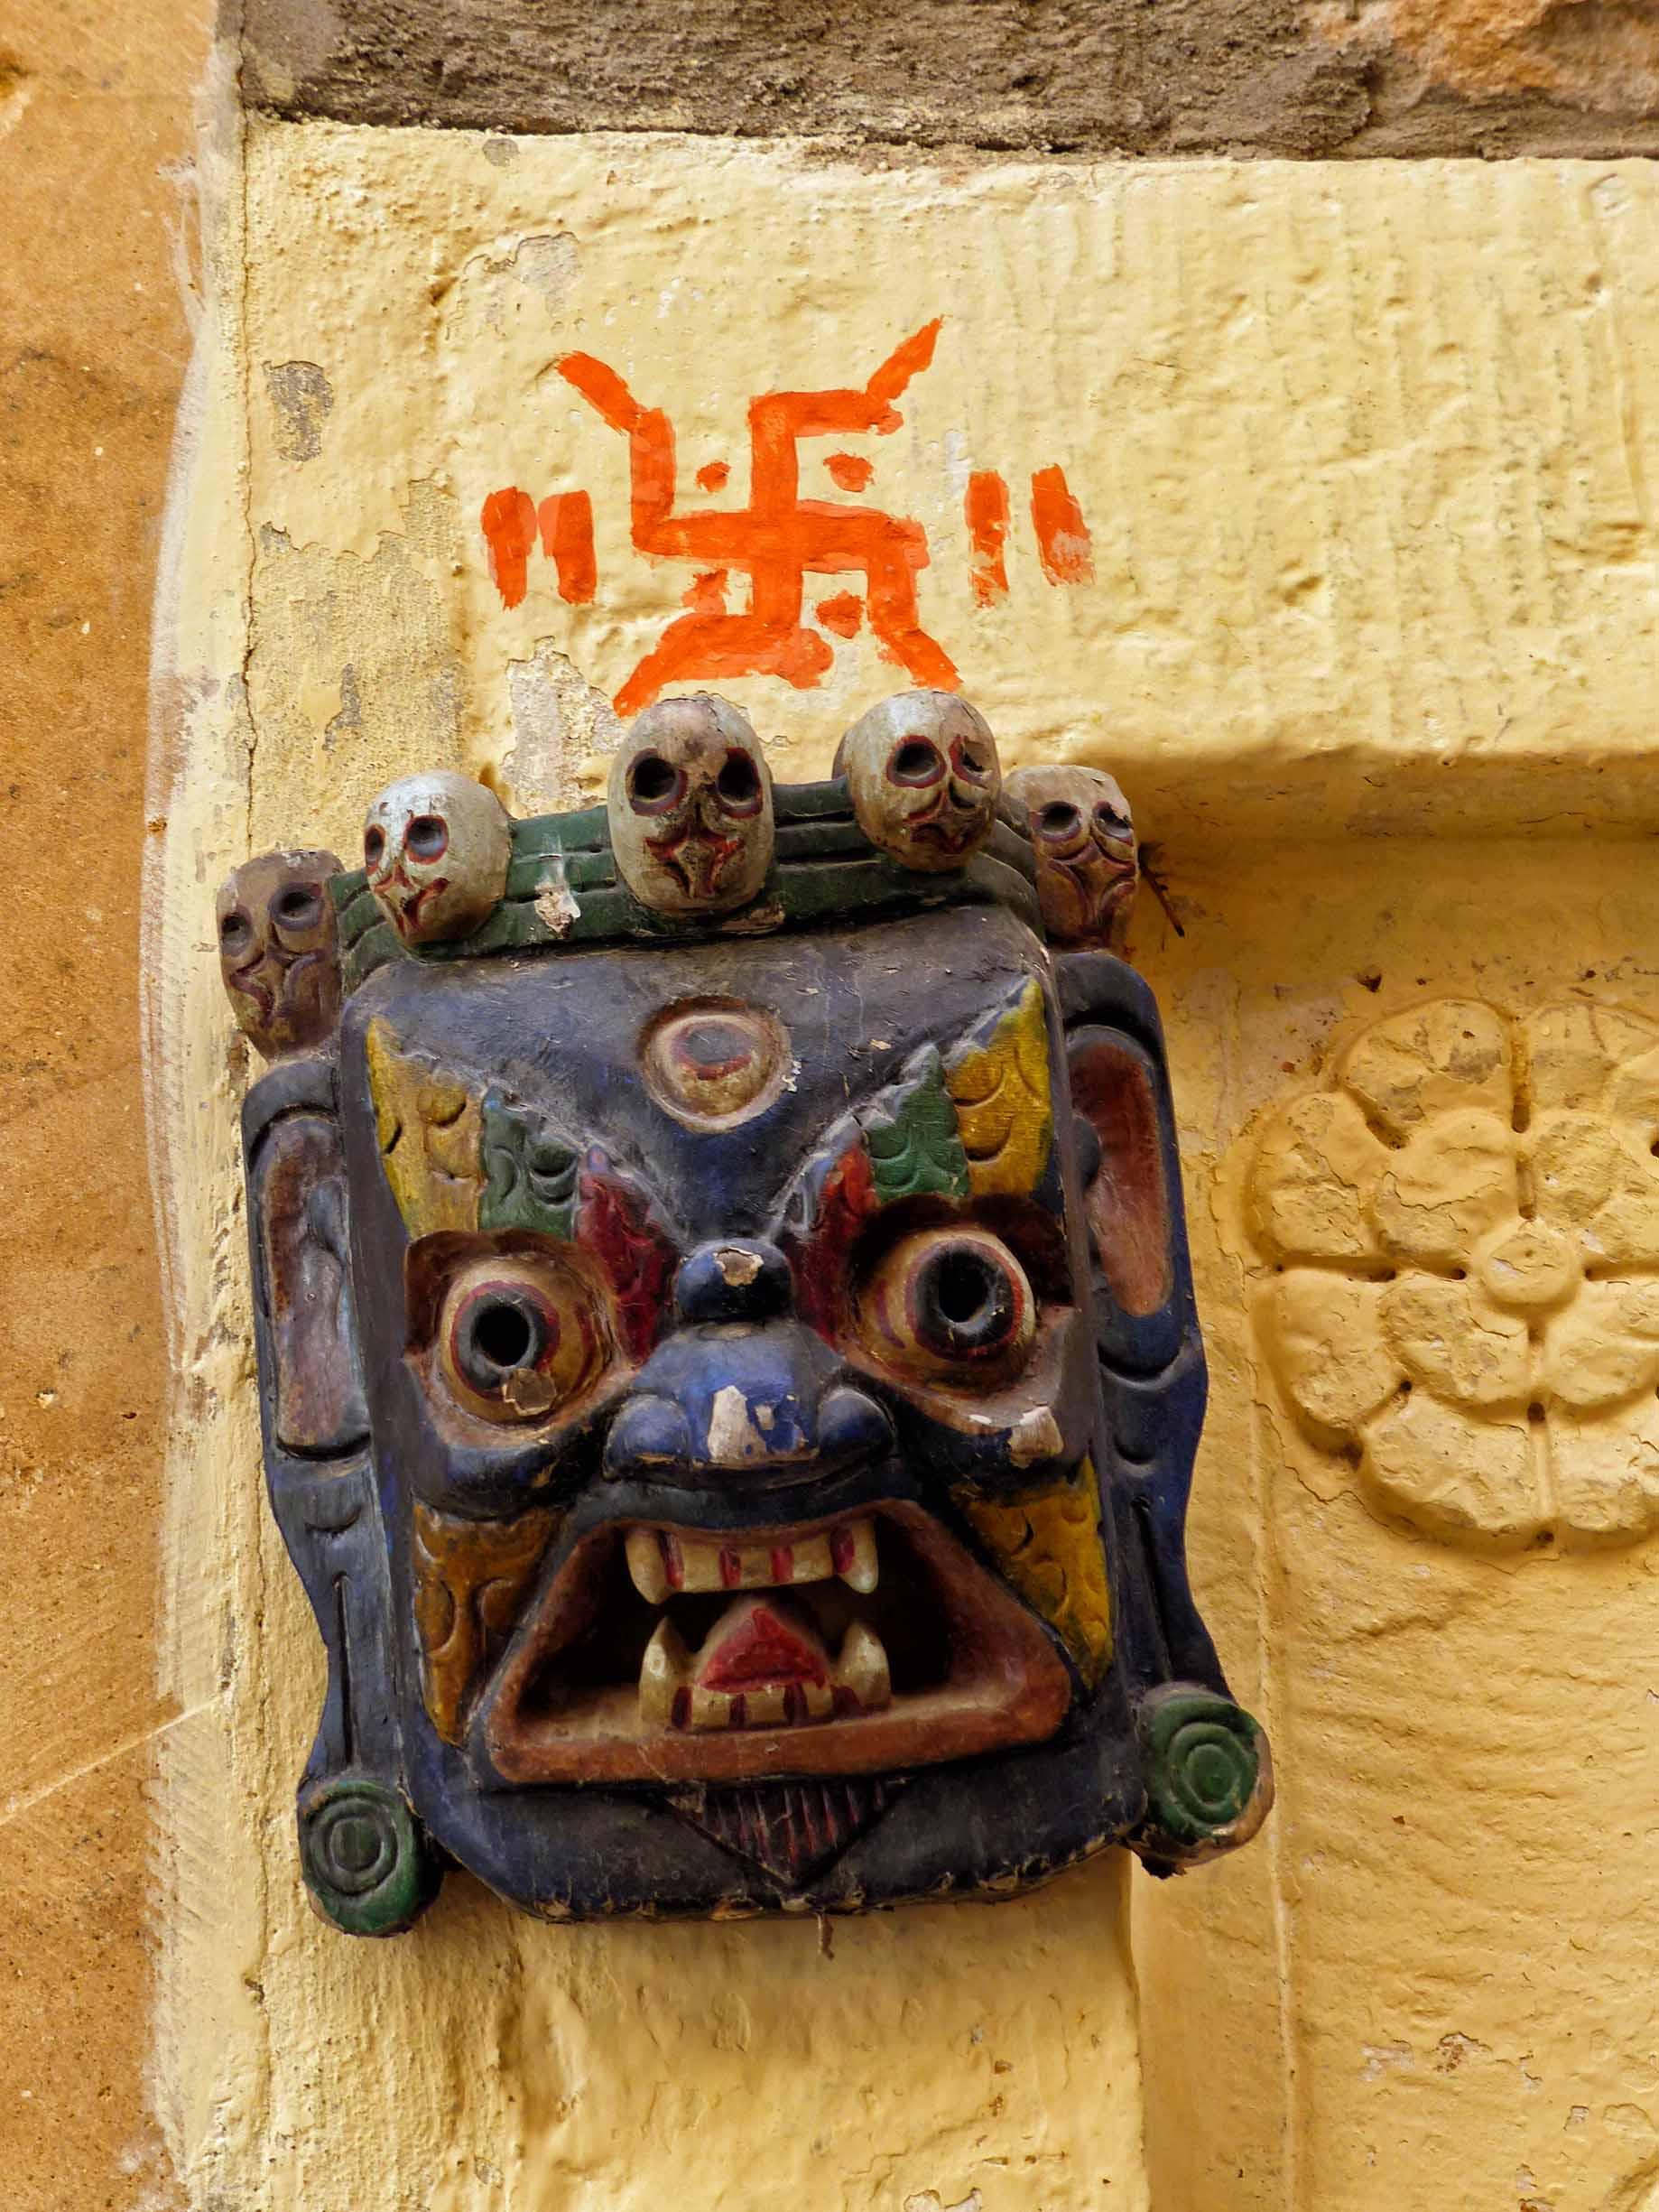 Small mask and Hindu swastika